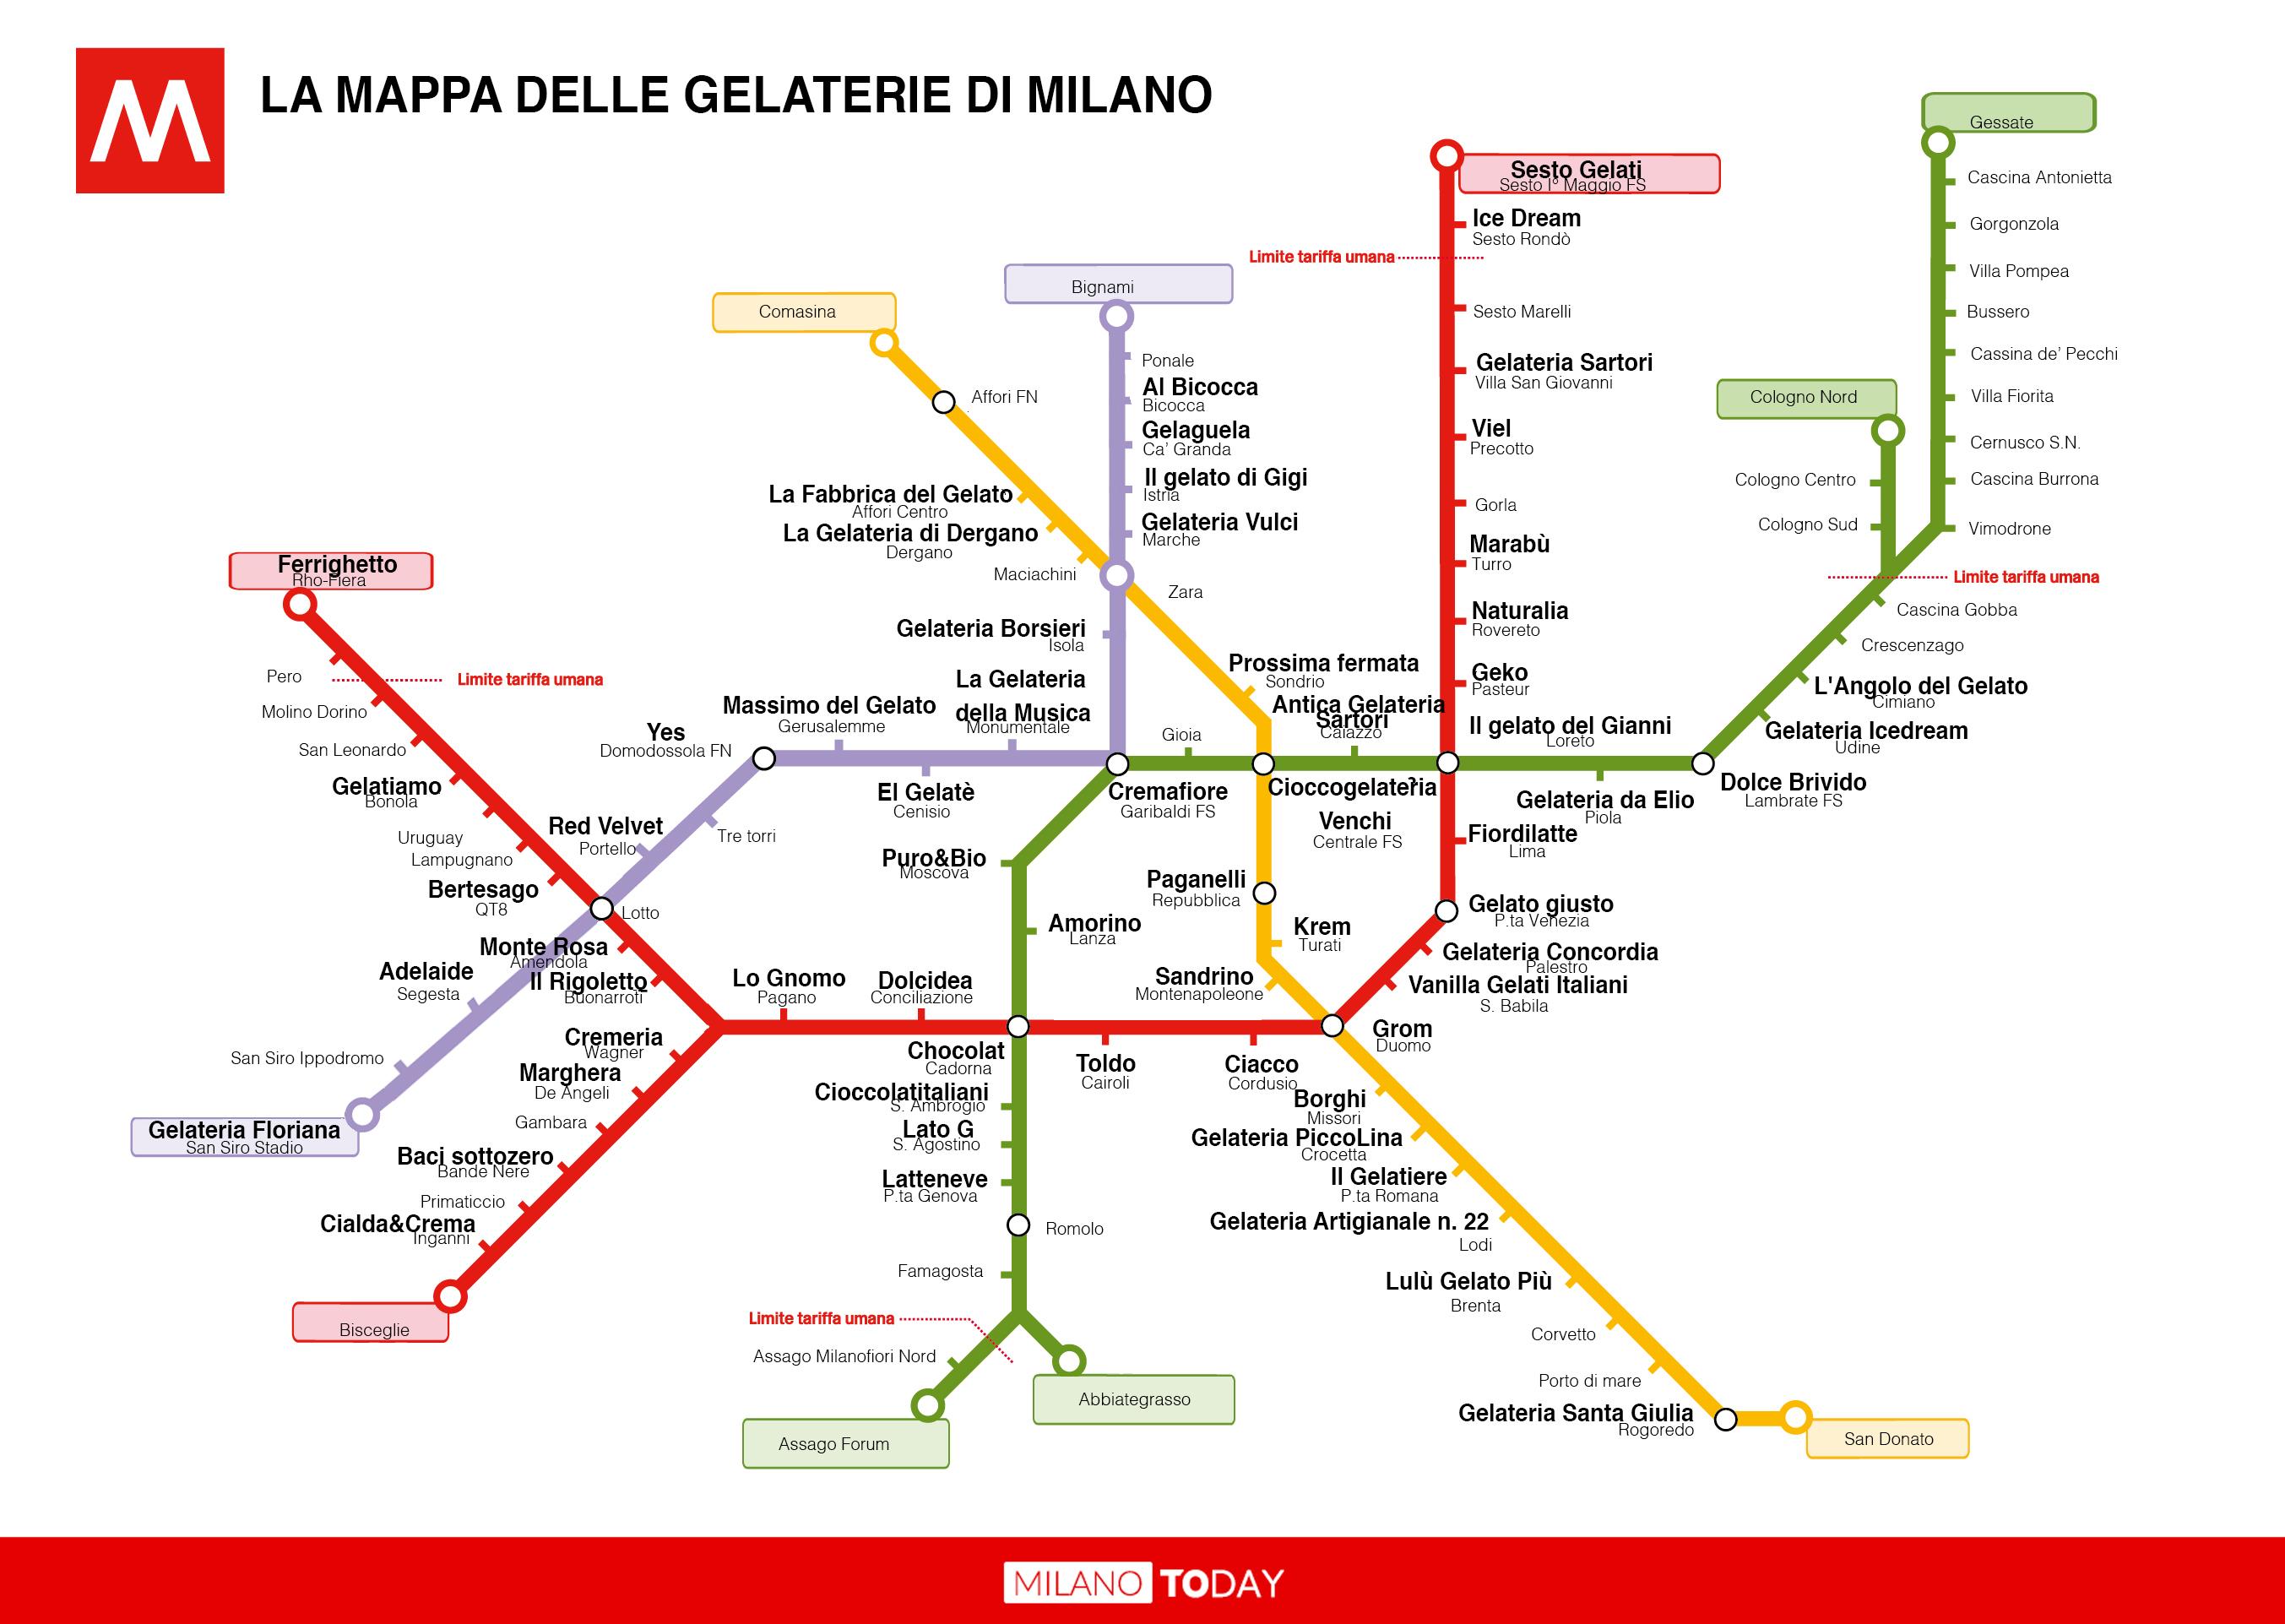 La mappa della metro di milano con i nomi delle gelaterie for Design della mappa di casa